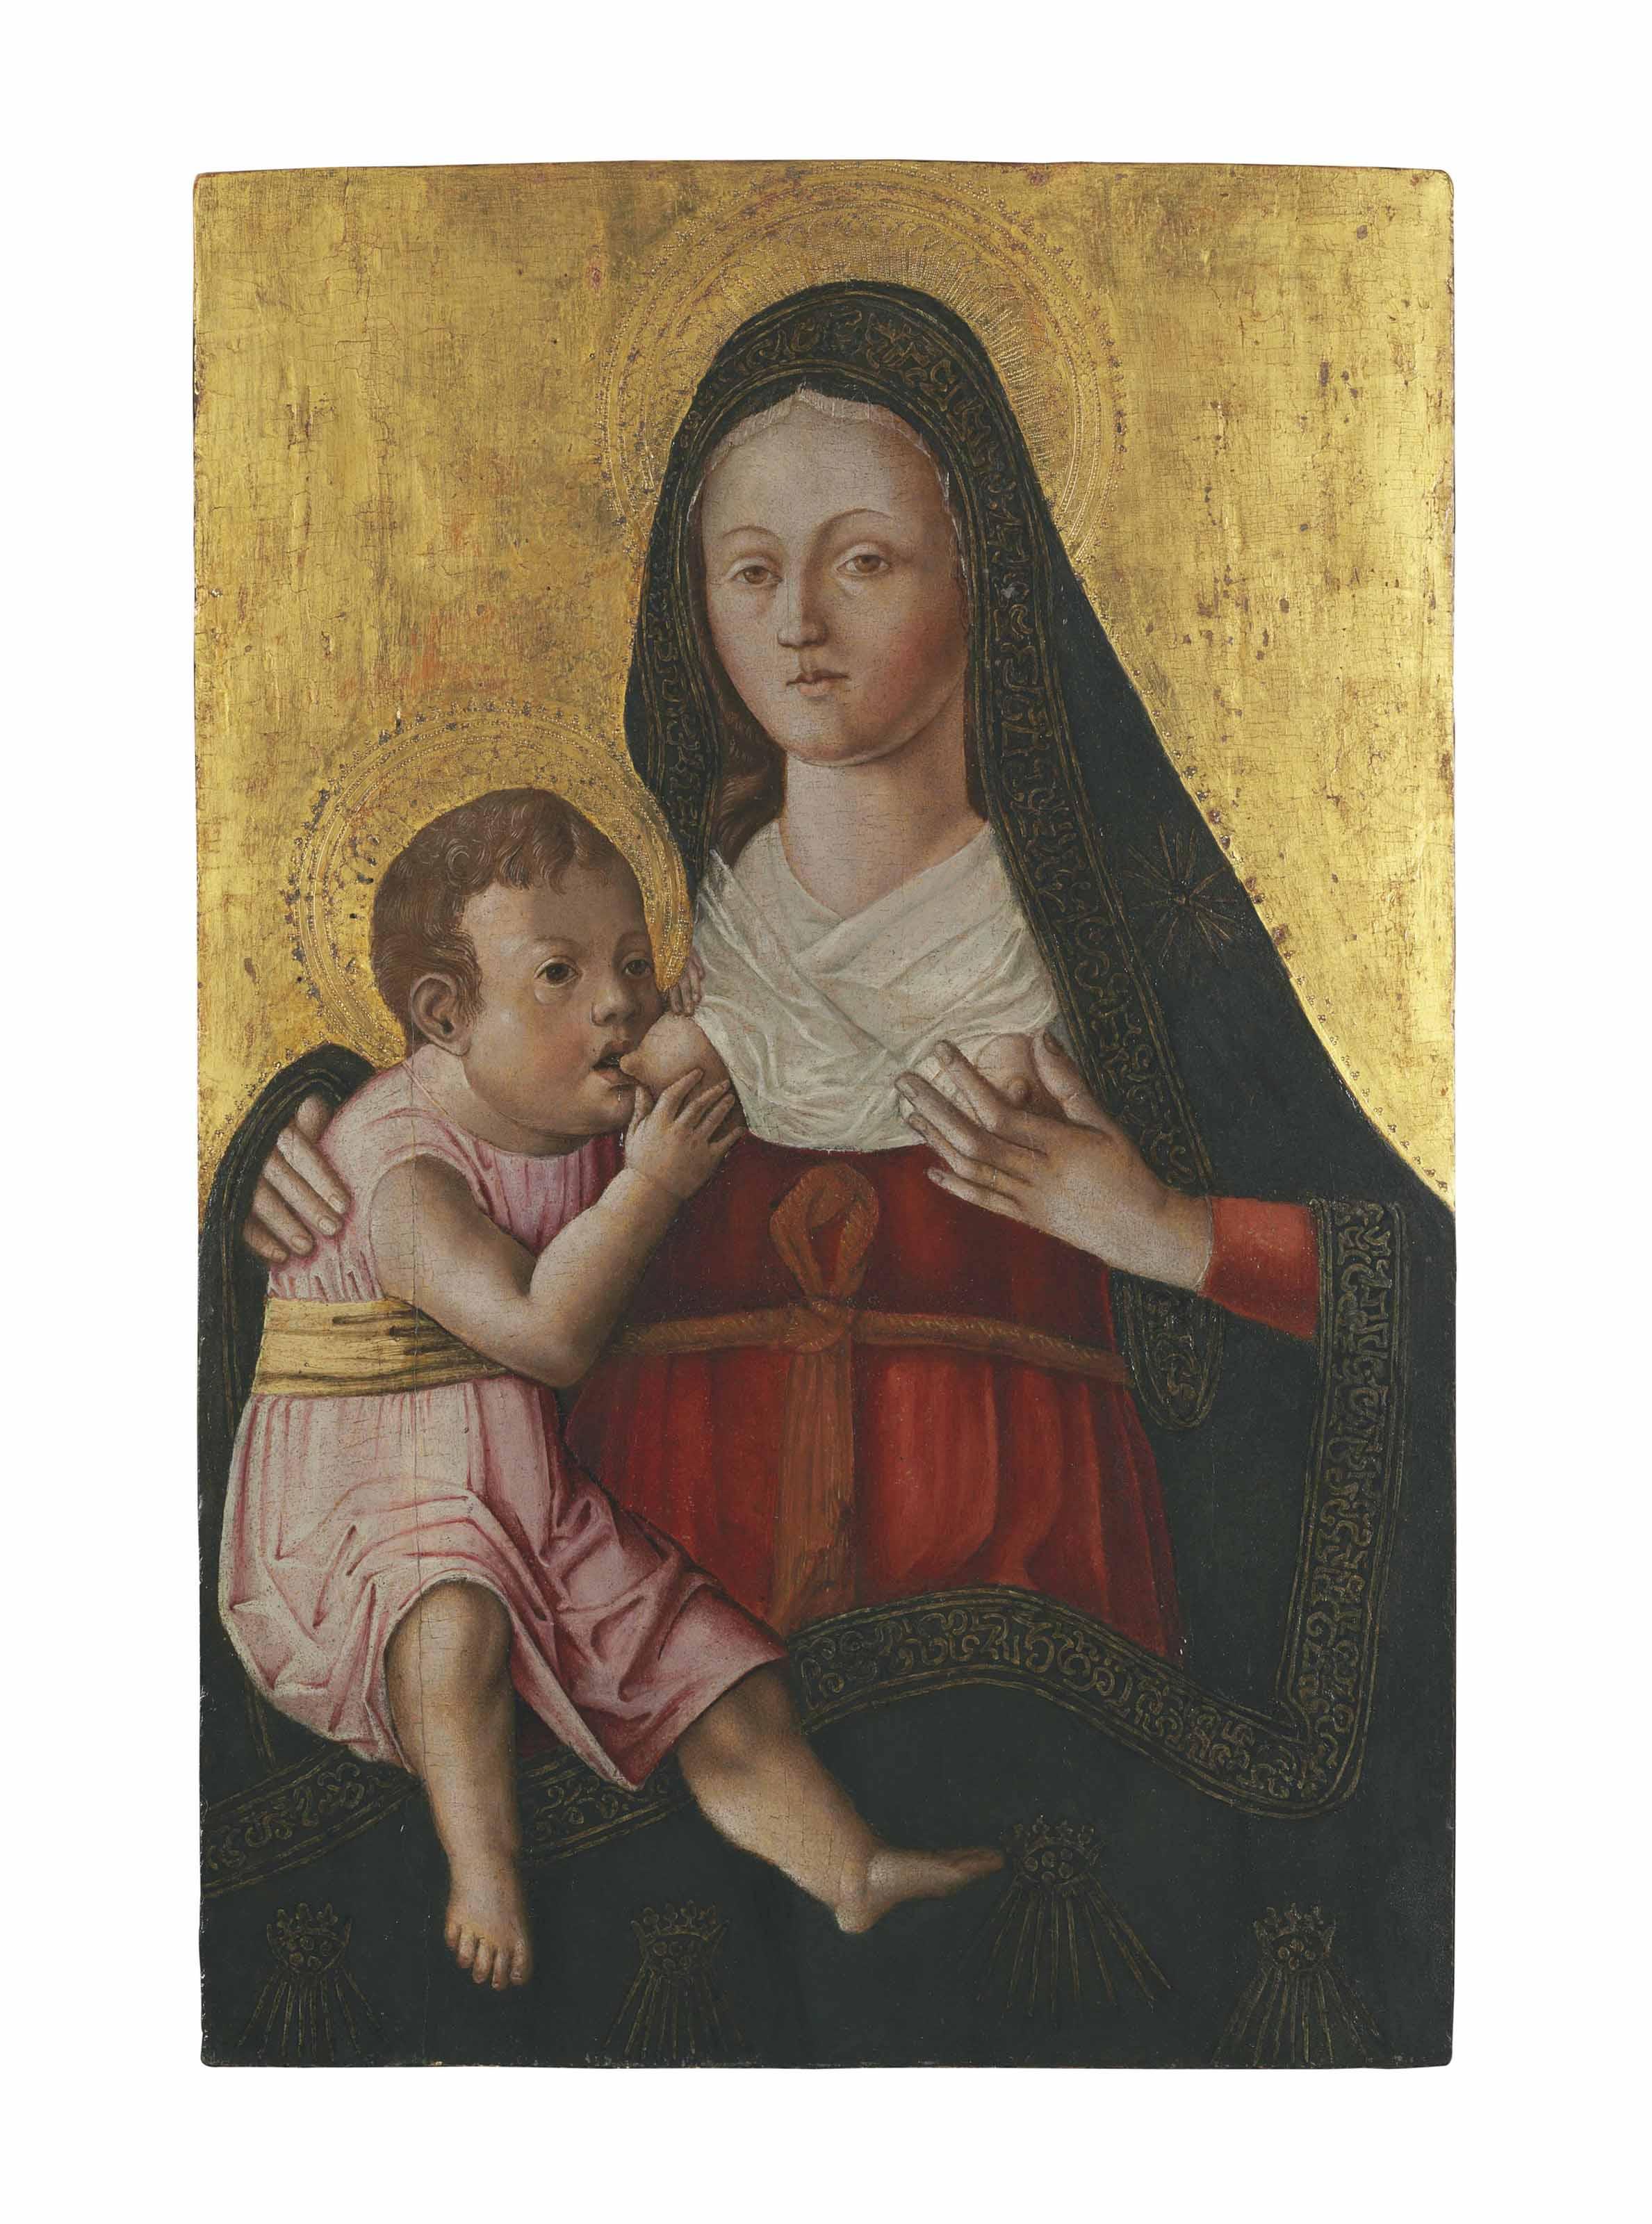 Pietro Befulco (active Naples 1471-1503)